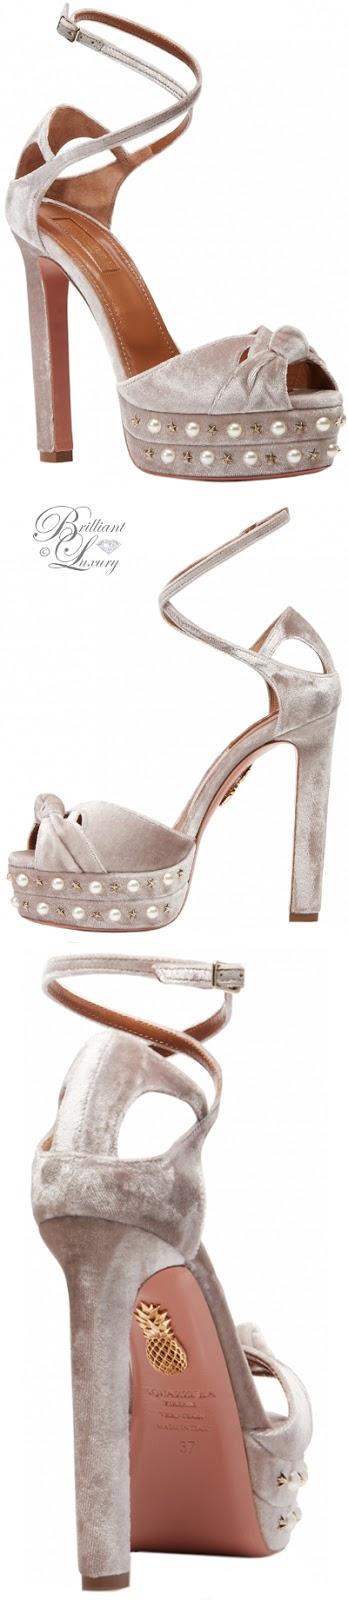 Brilliant Luxury ♦ Aquazzura Harlow Platform Sandals